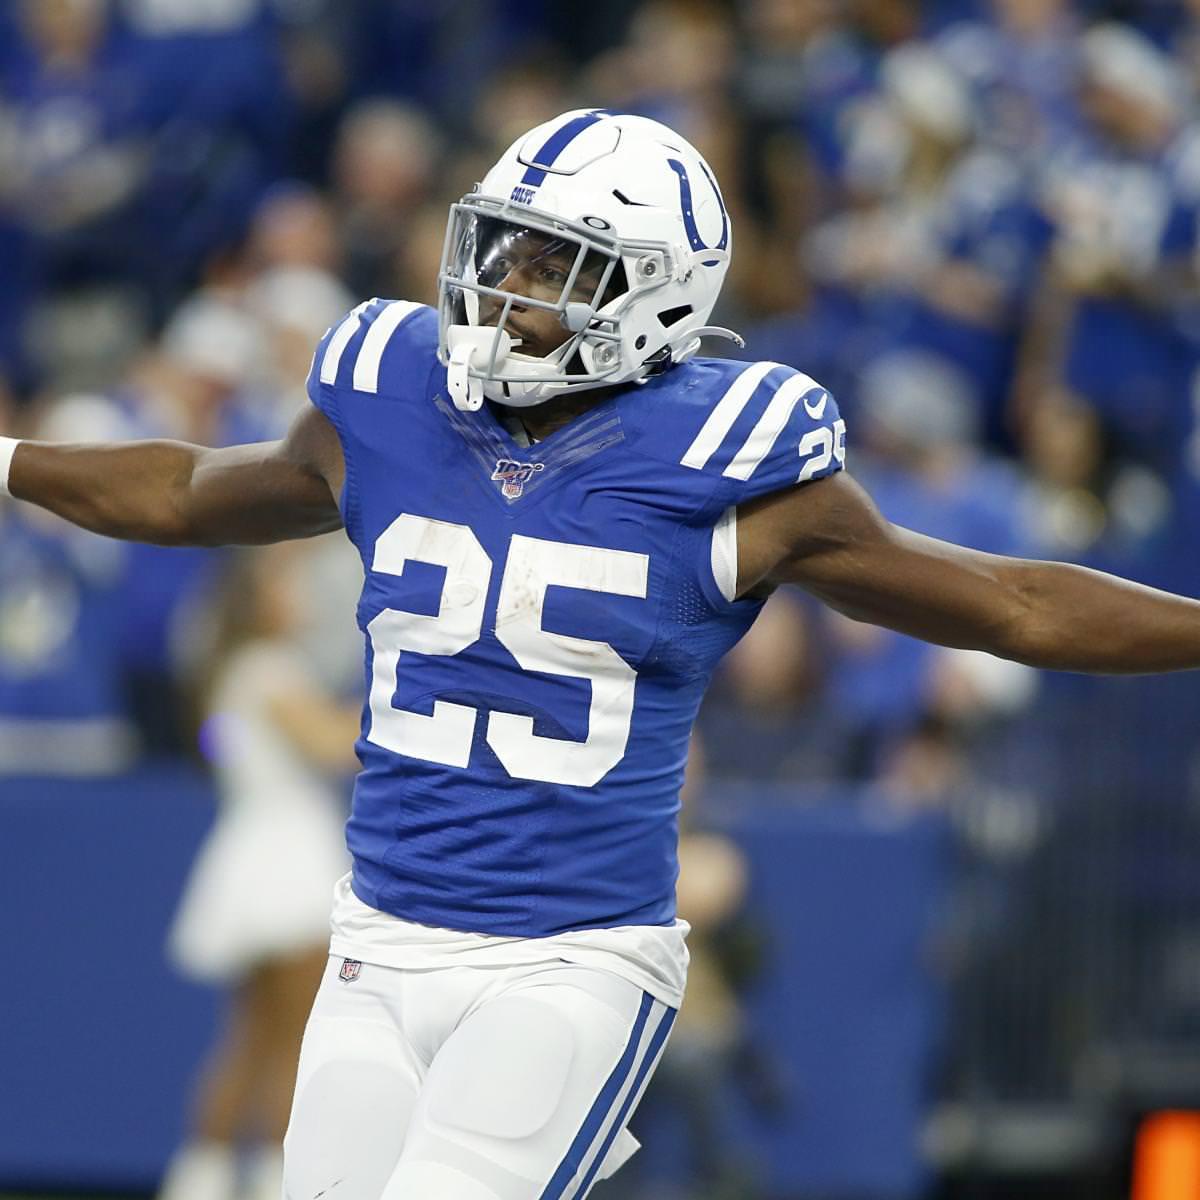 Marlon Mack, Colts supostamente concorda com um novo contrato de 1 ano, $ 2 milhões